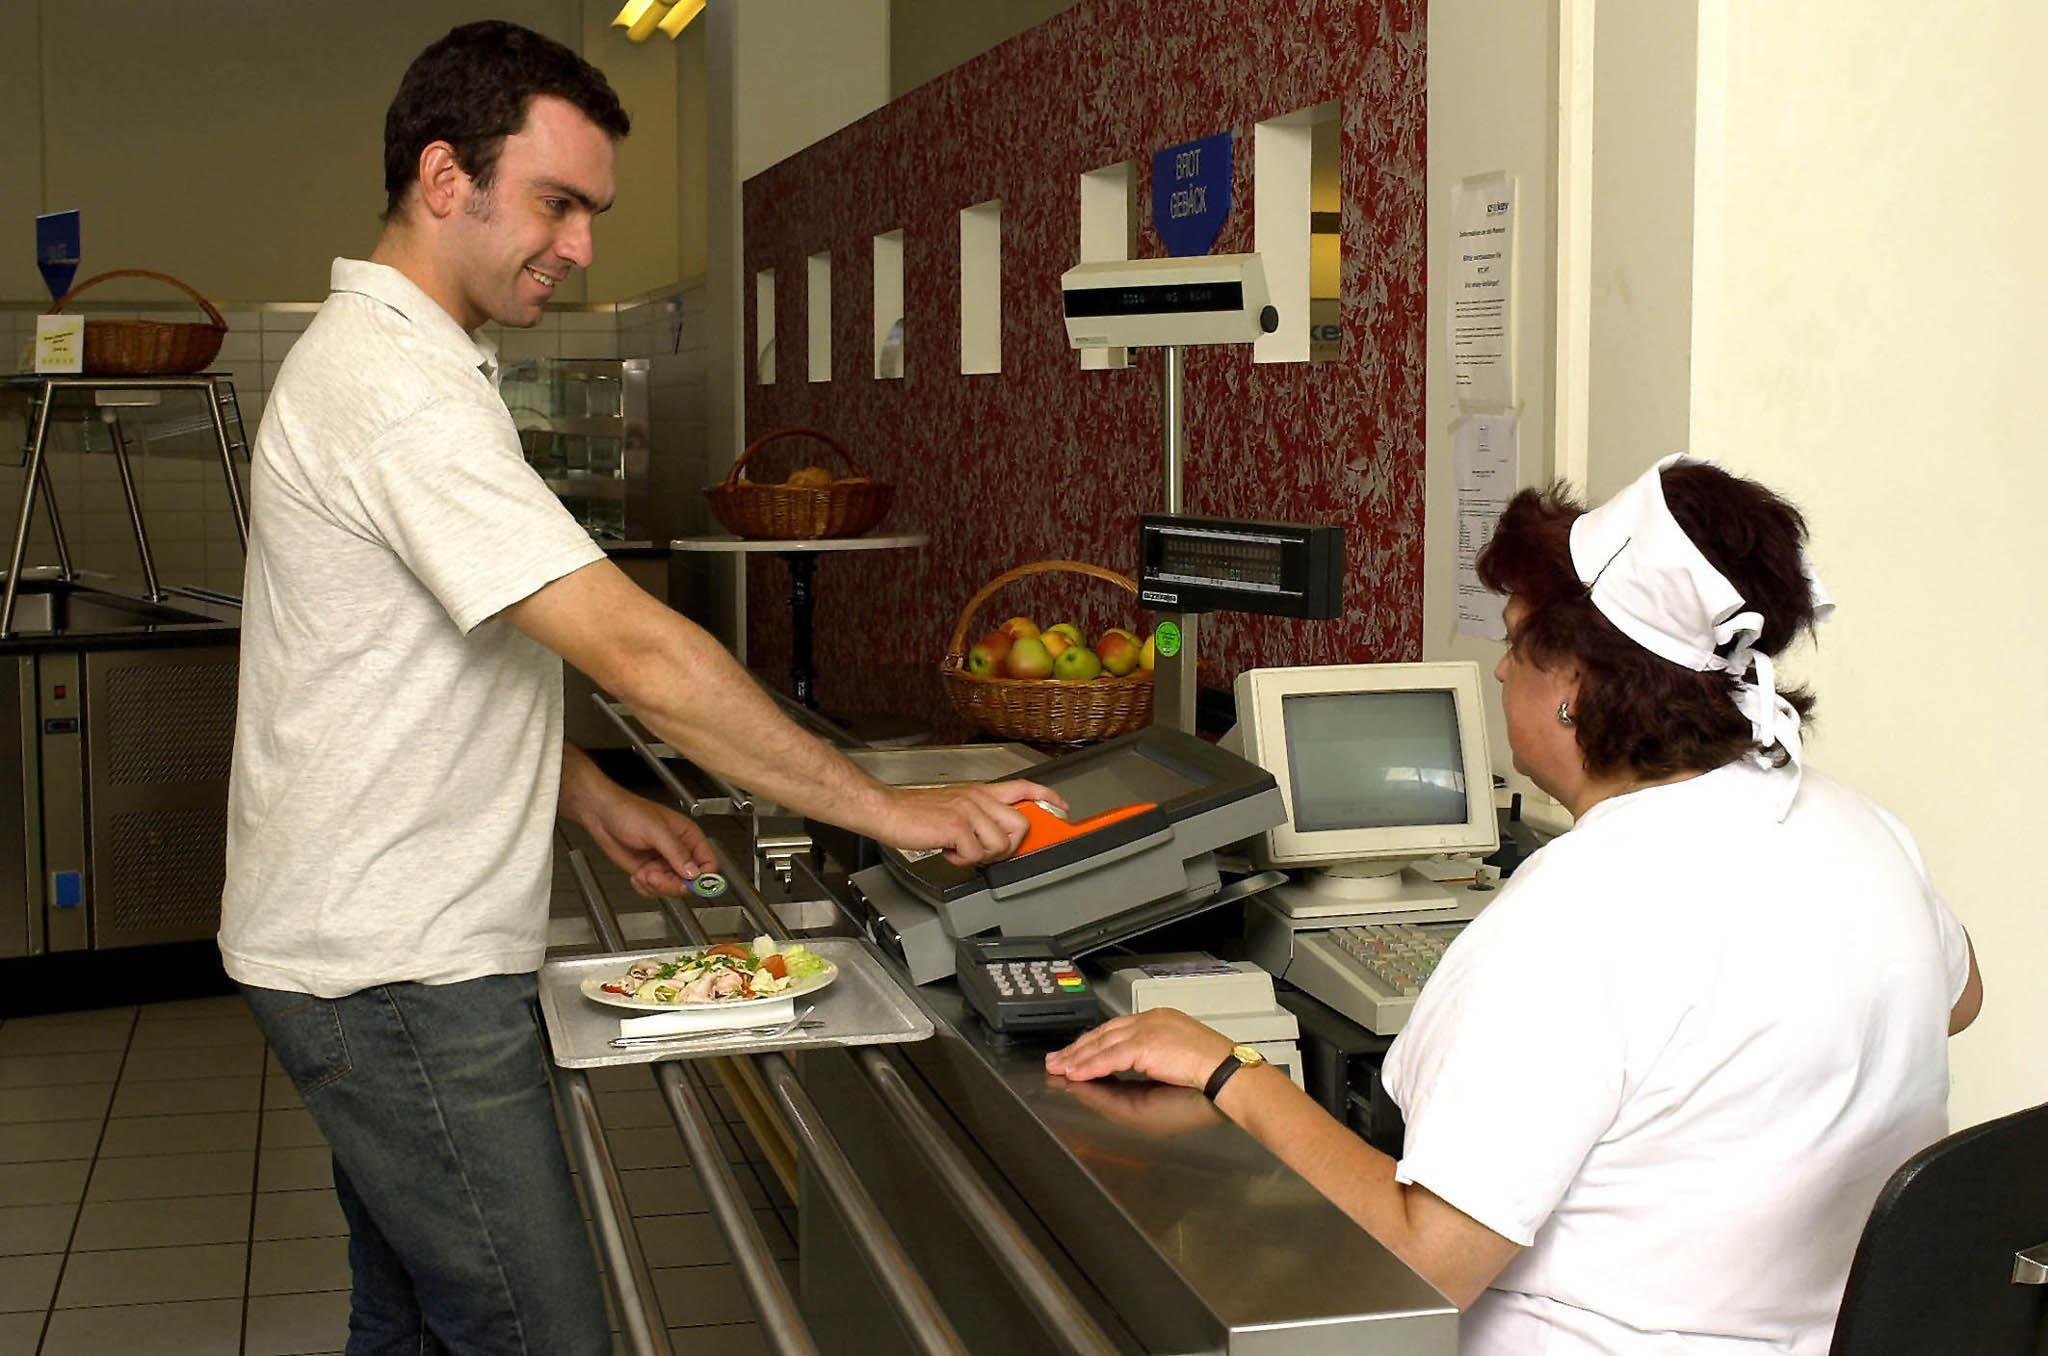 Bild zu OTS - 500 Pioniere testen das biometrische Authentifizierungssystem anhand eines bargeldlosen Bezahlungsvorgangs in einem Restaurant am Betriebsgelände der voestalpine Stahl in Linz.